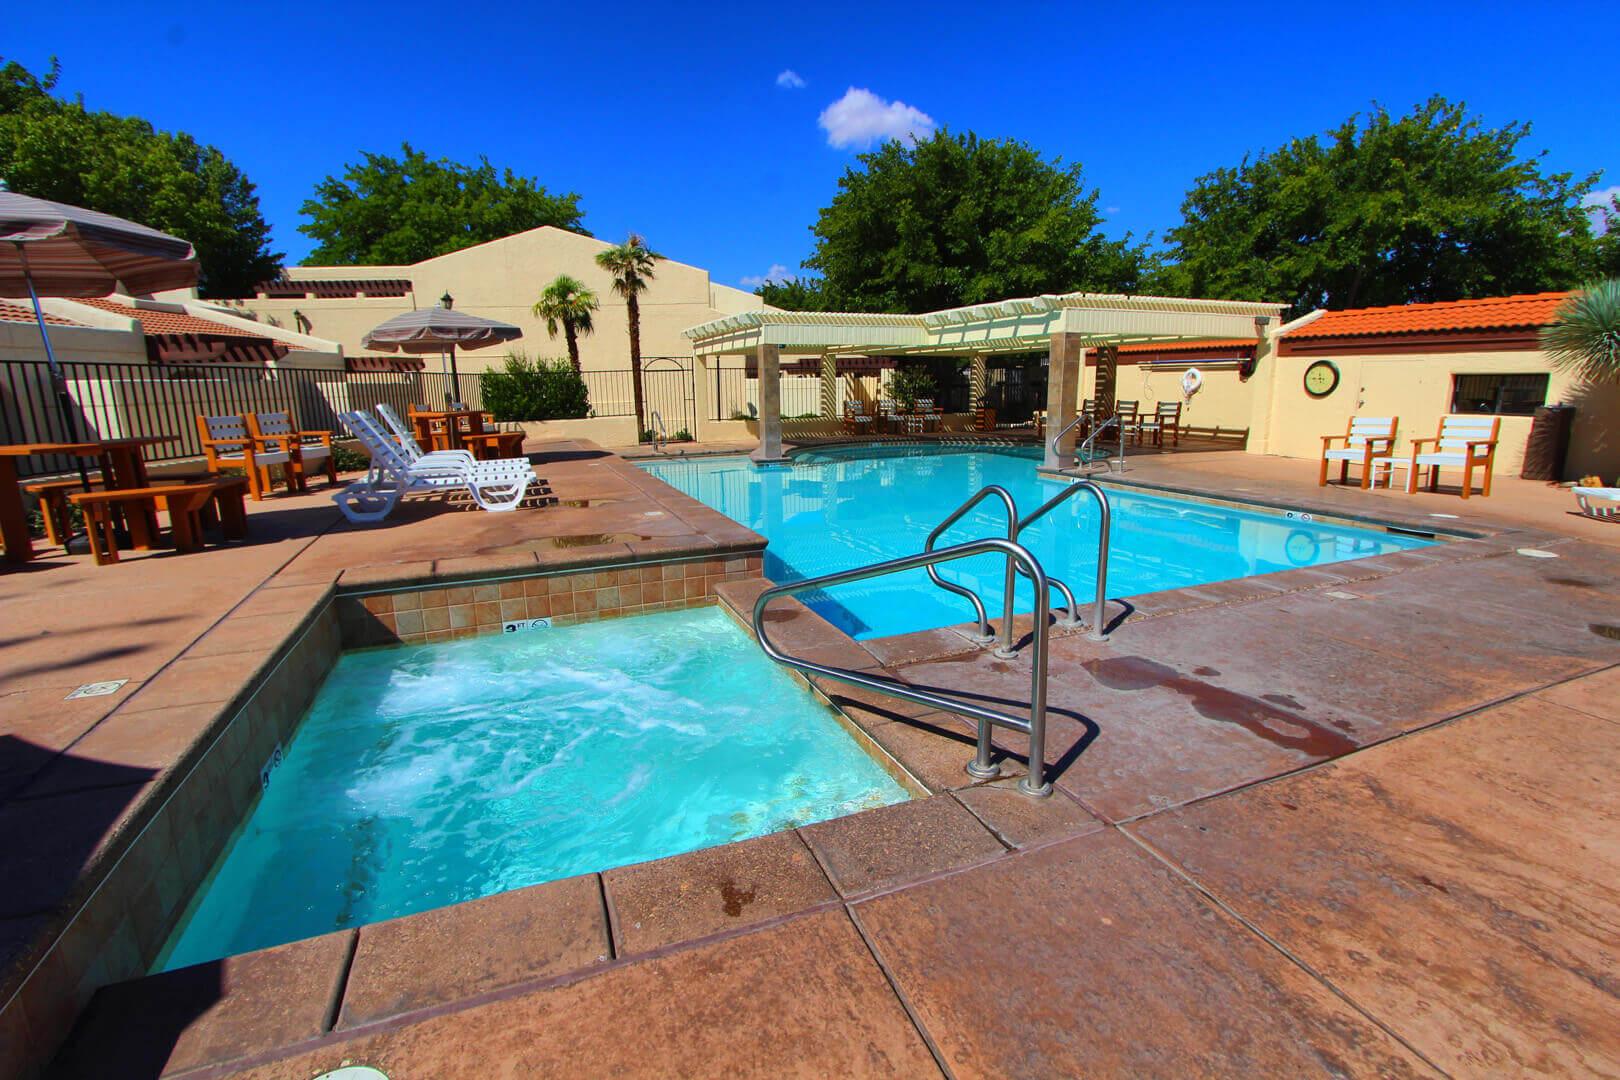 Villas At Southgate Pool